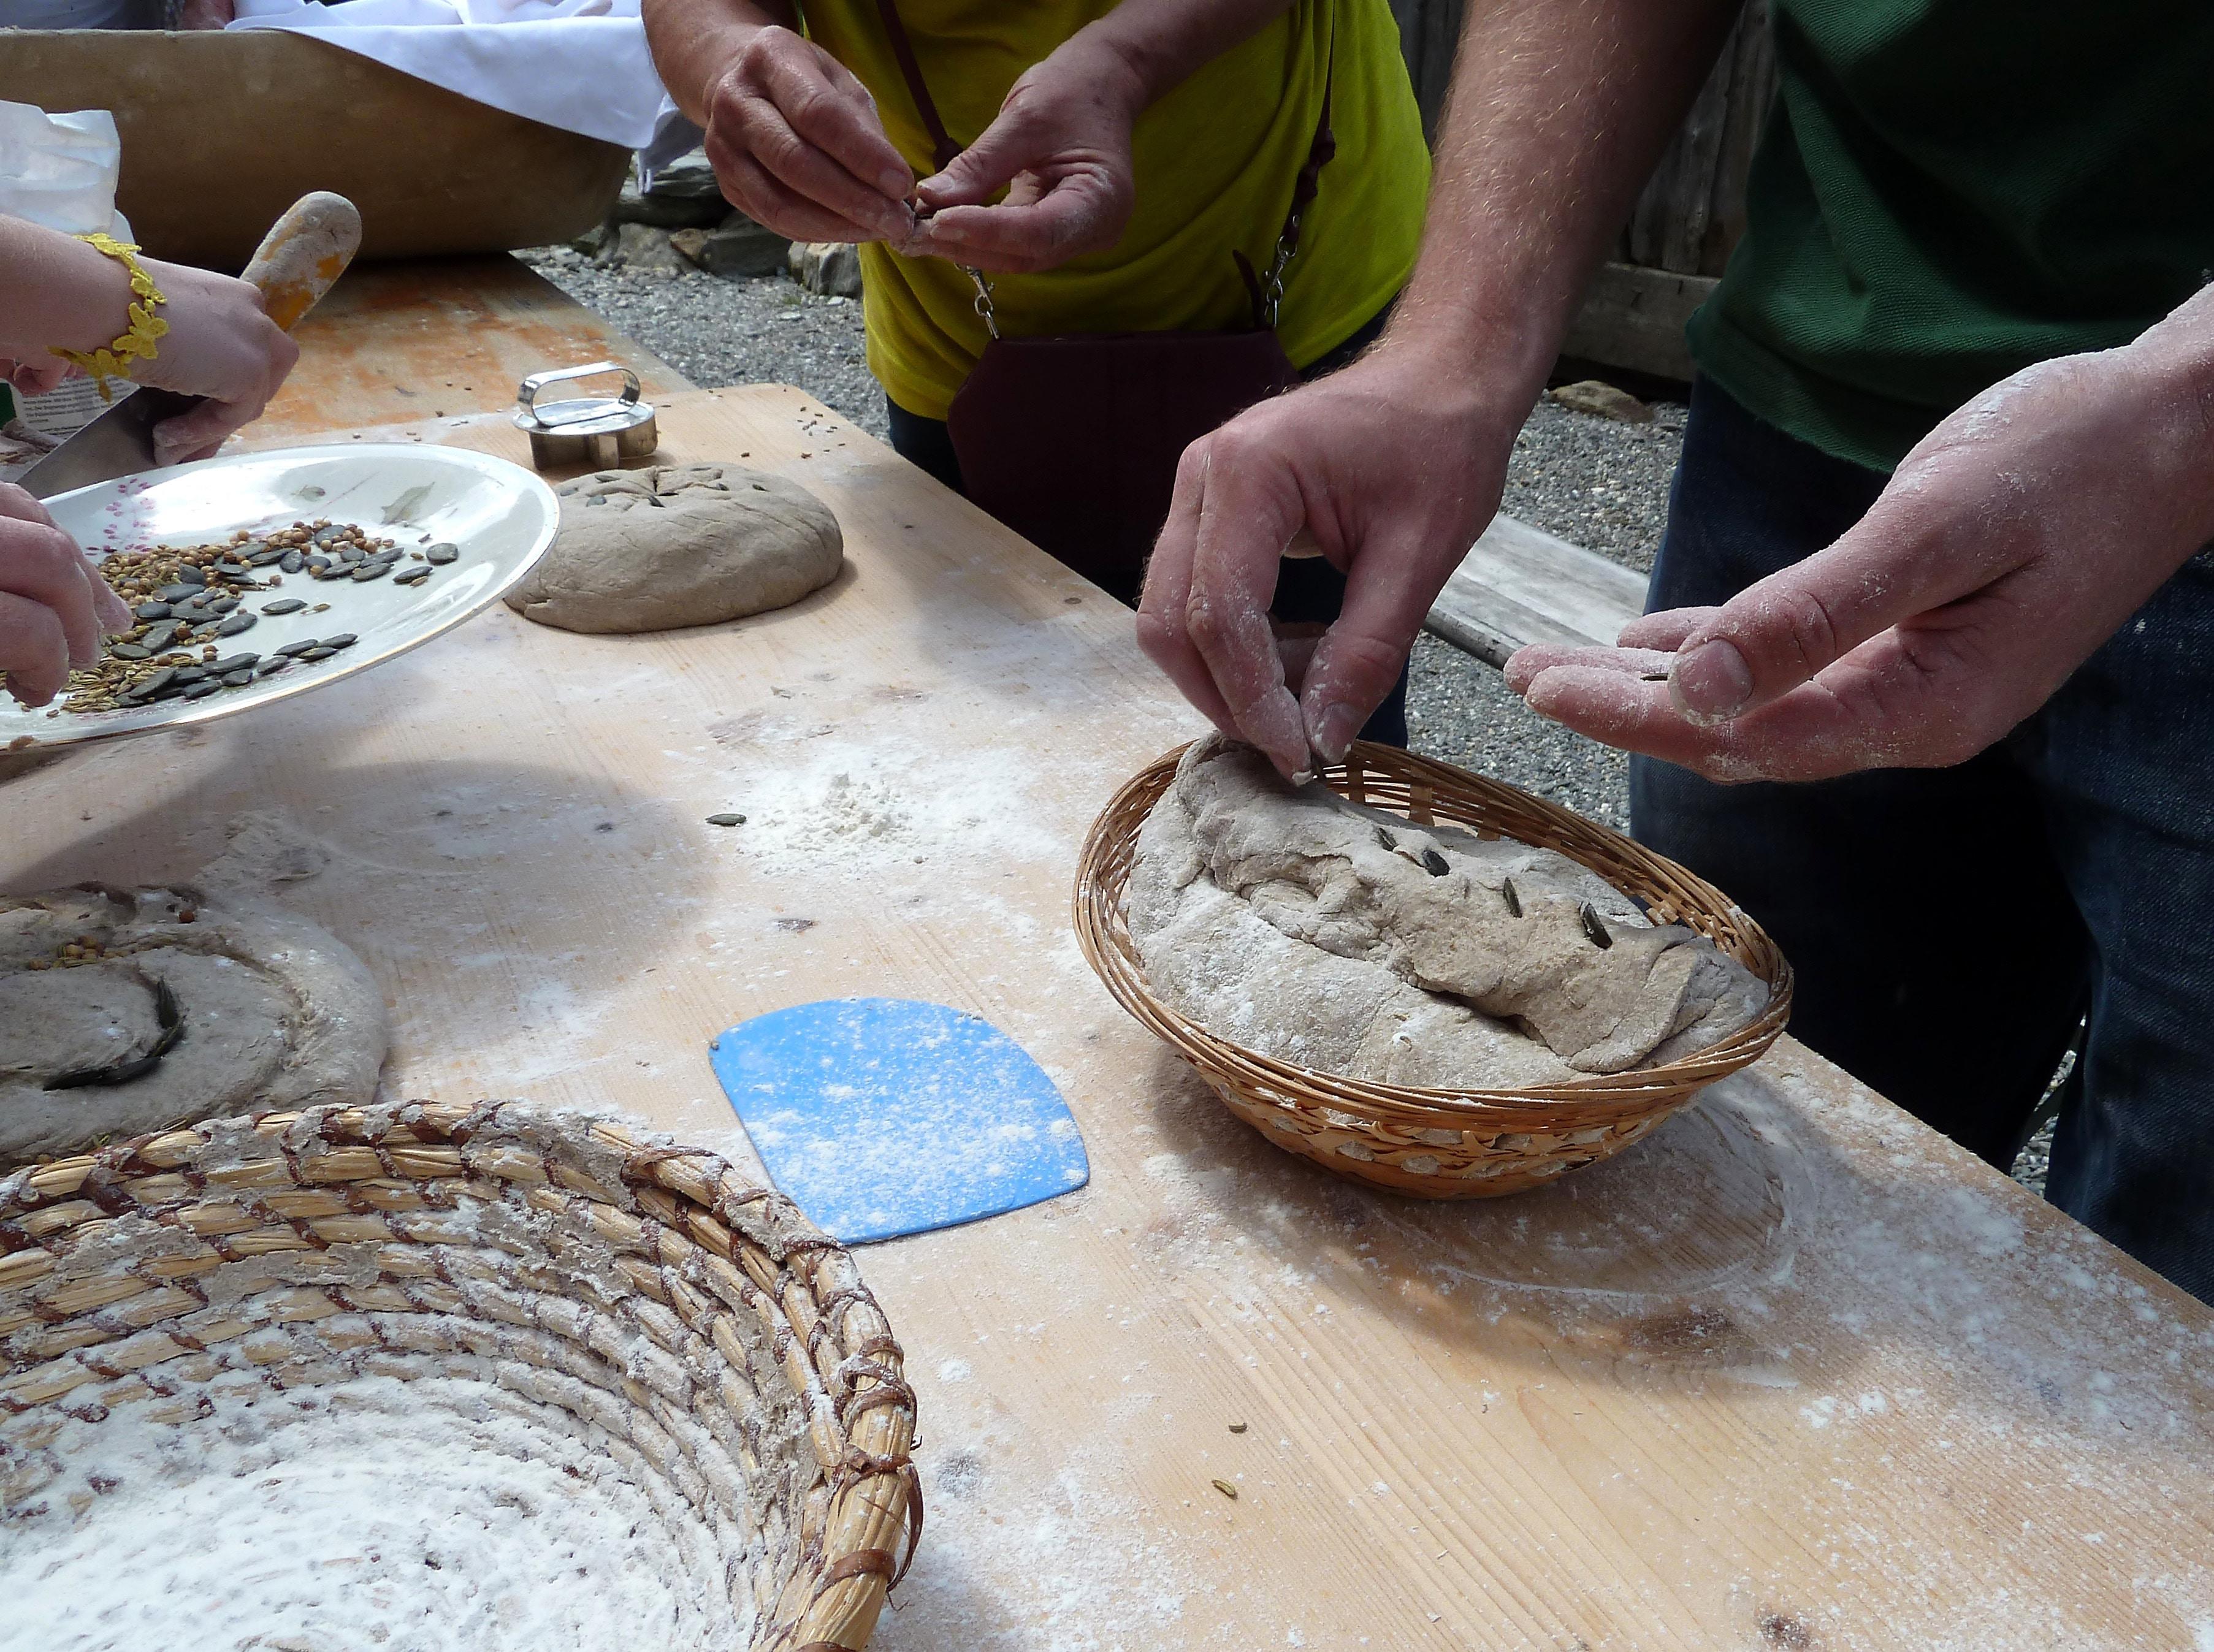 Learn bread baking